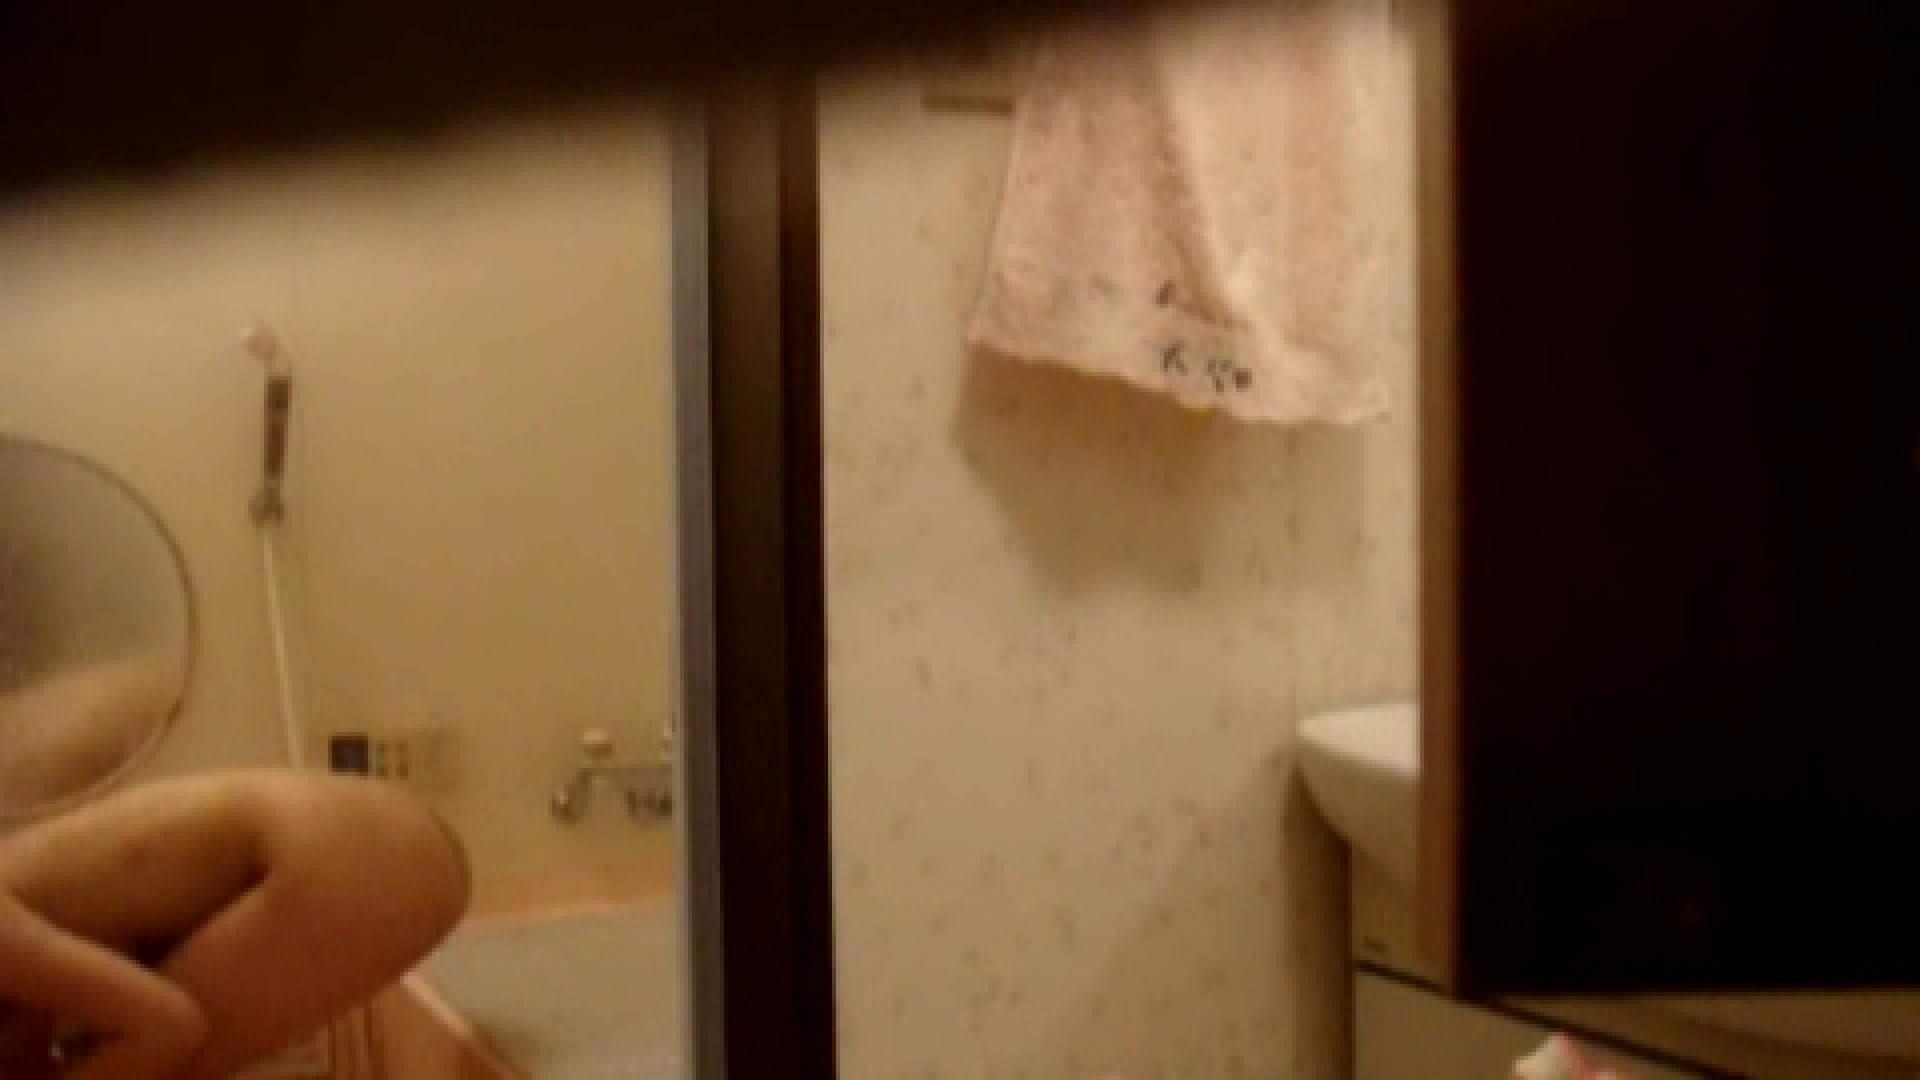 二人とも育てた甲斐がありました… vol.08 まどかの入浴中にカメラに気付いたか!? OLのエロ生活  71連発 10